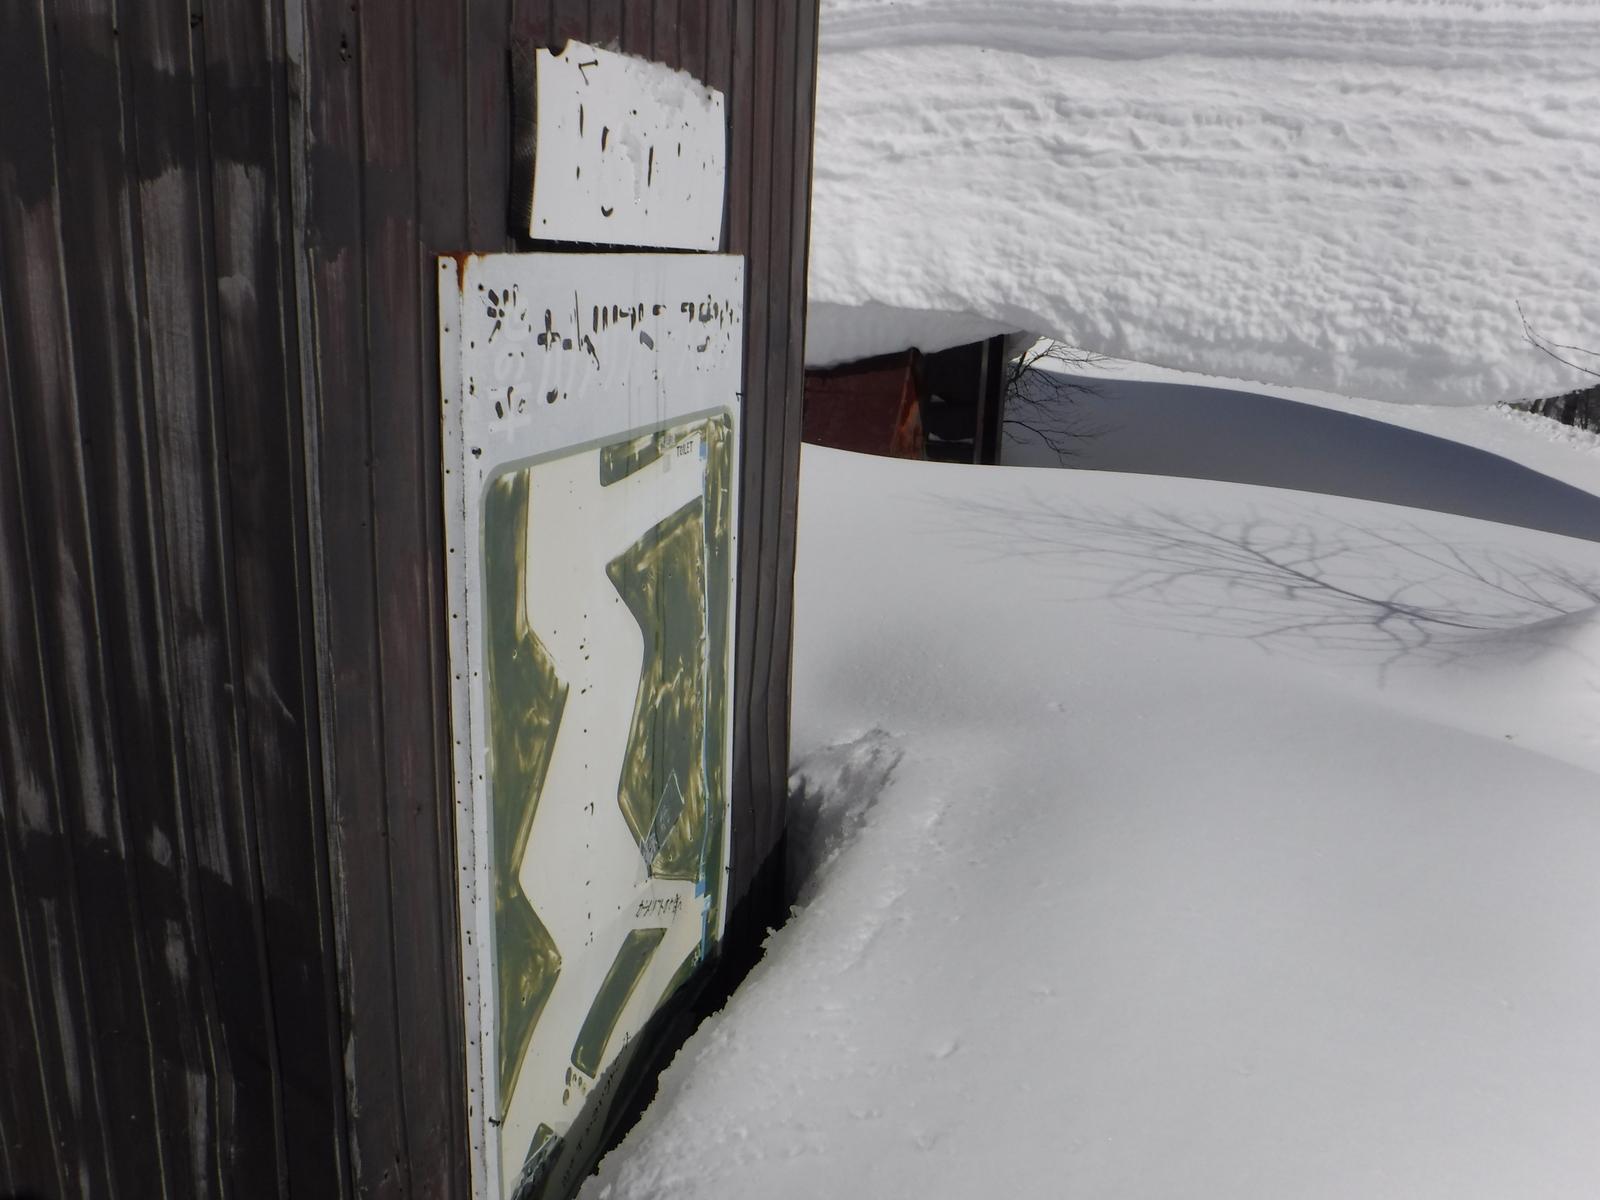 古い、旧ゲレンデコースの案内板が残る